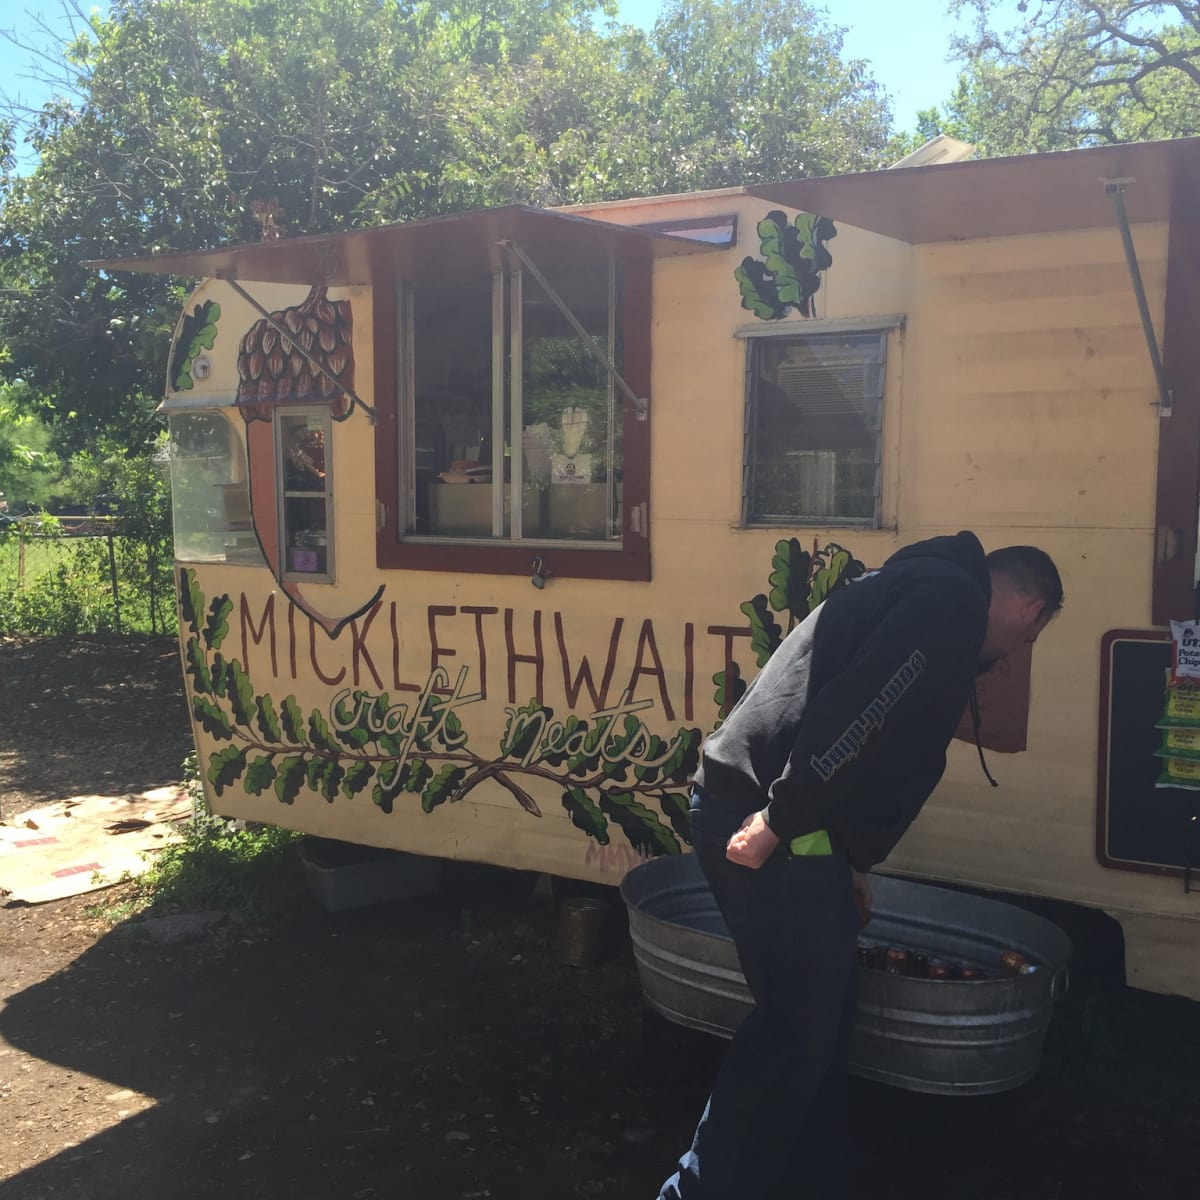 Micklethwait craft meats trailer